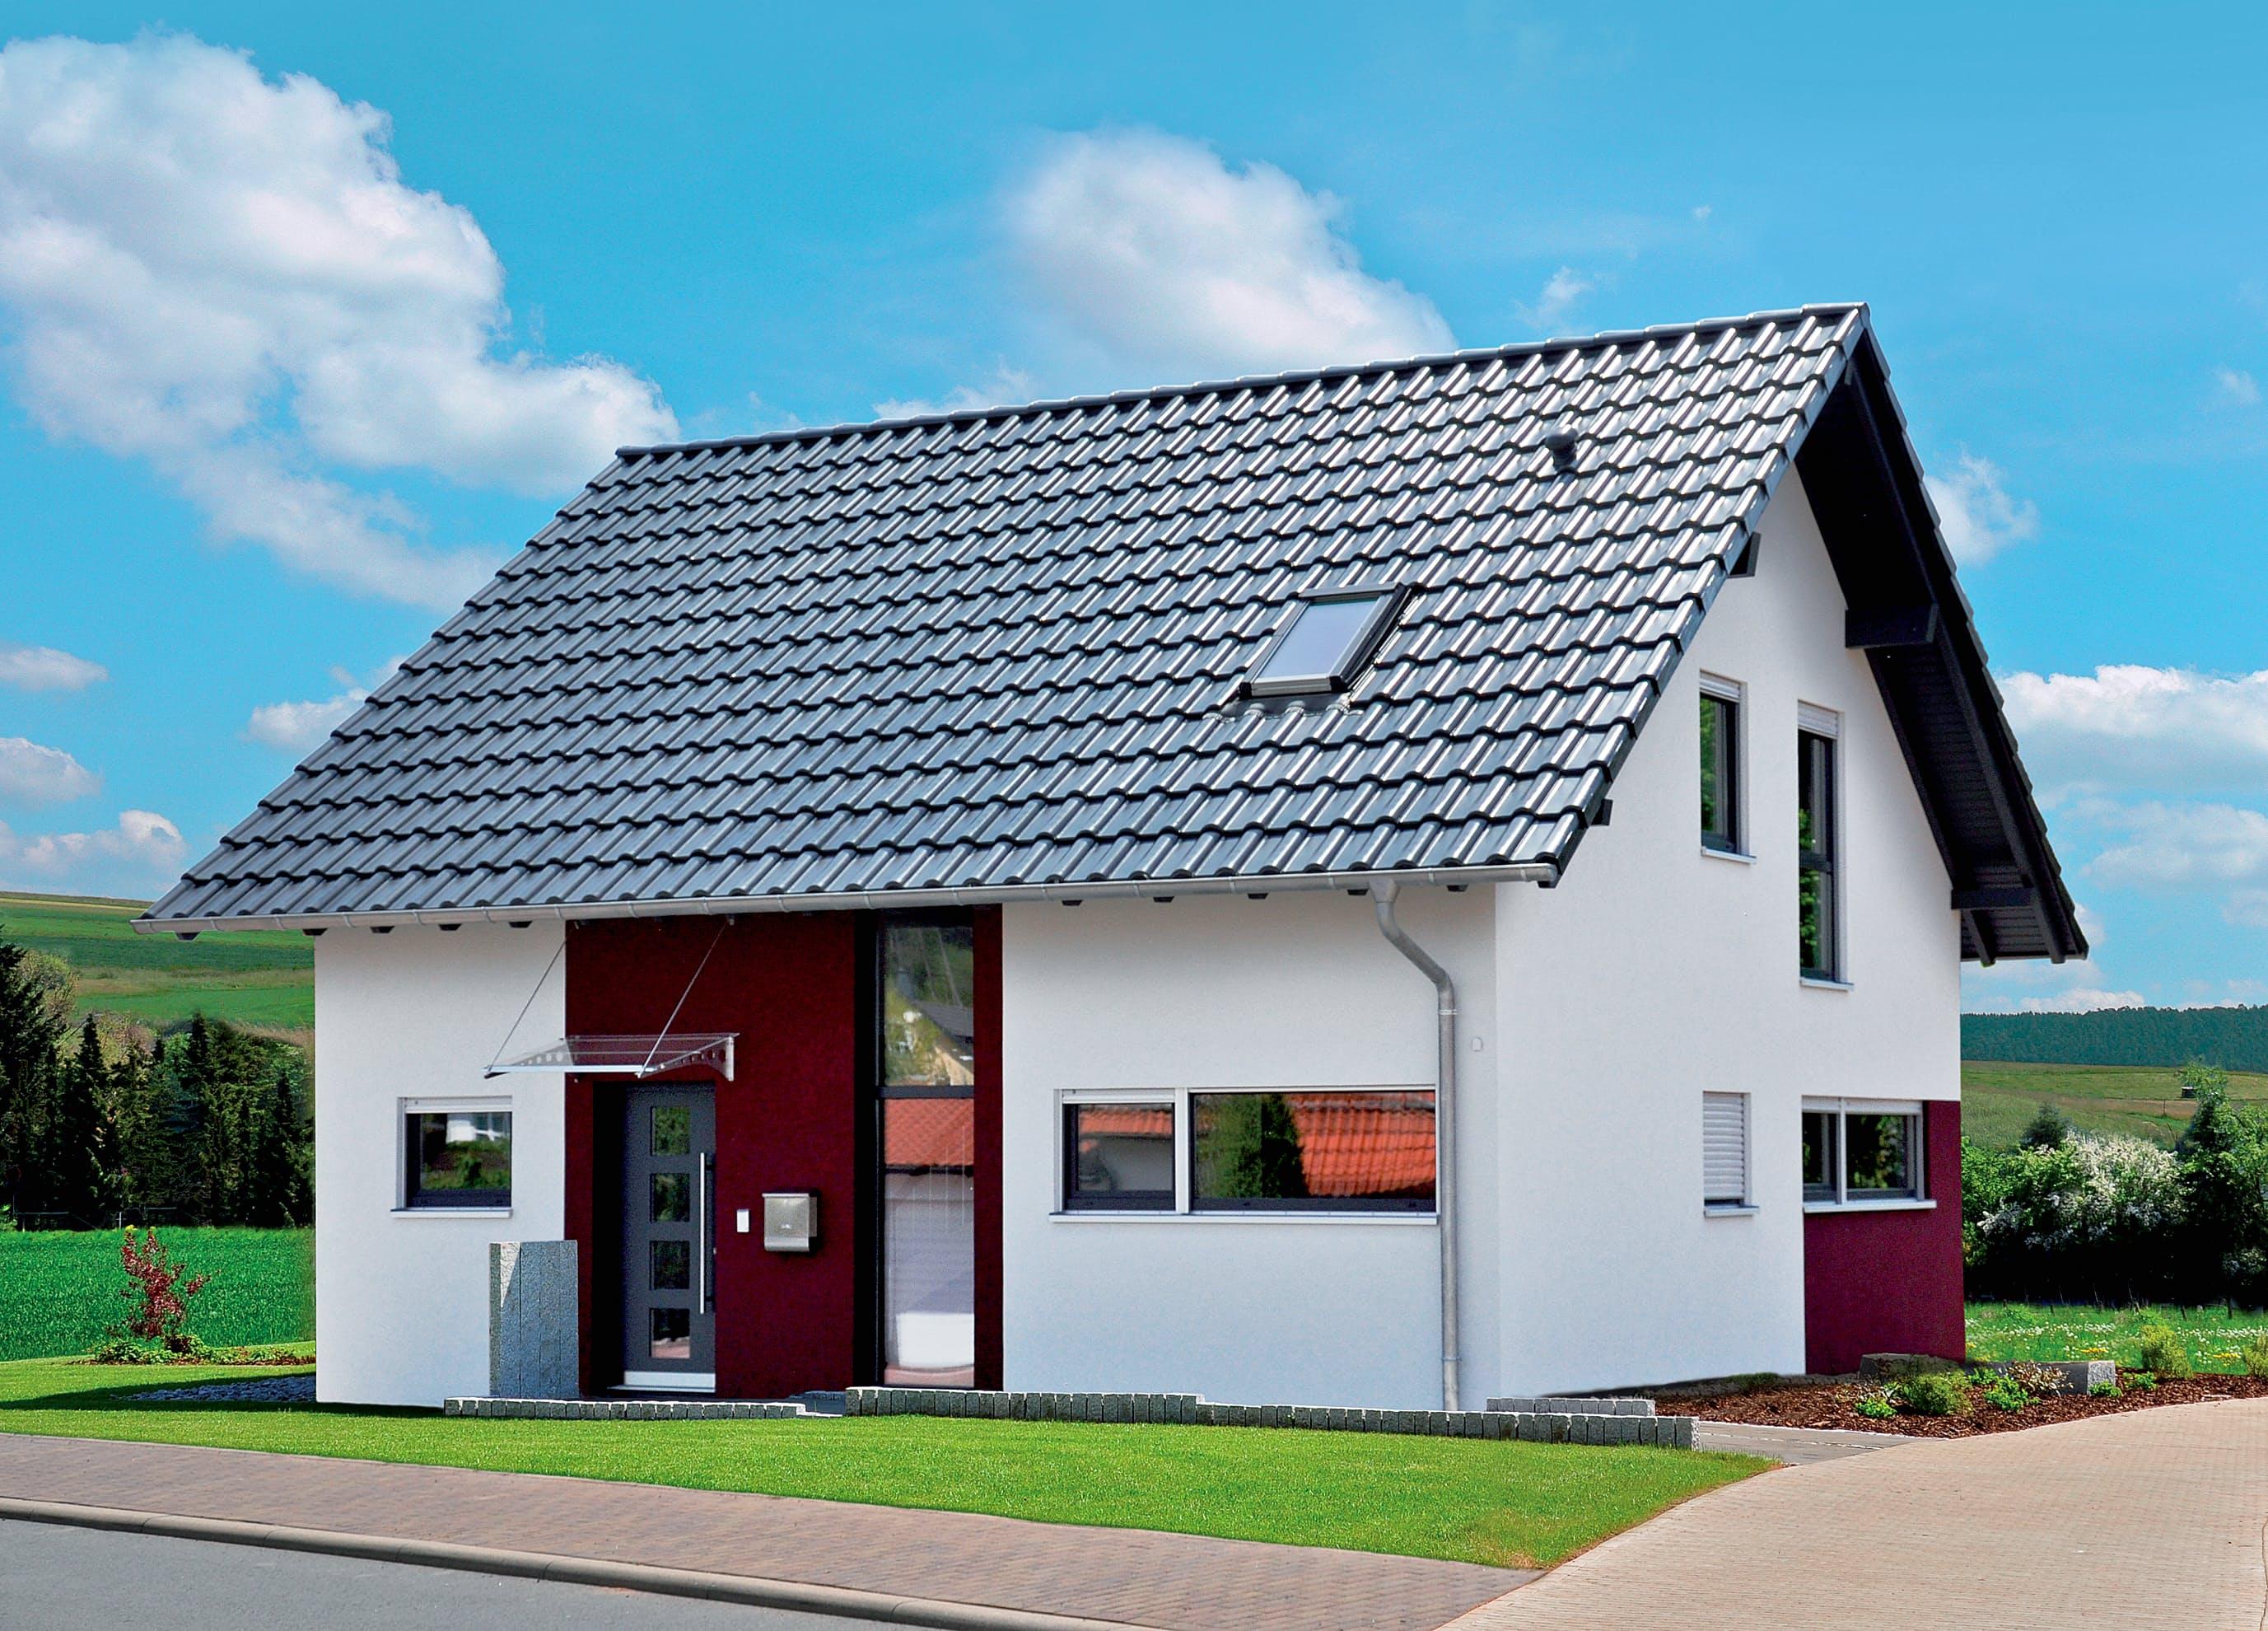 Fingerhaus vio 200  VIO 200 von FingerHaus | komplette Datenübersicht - Fertighaus.de